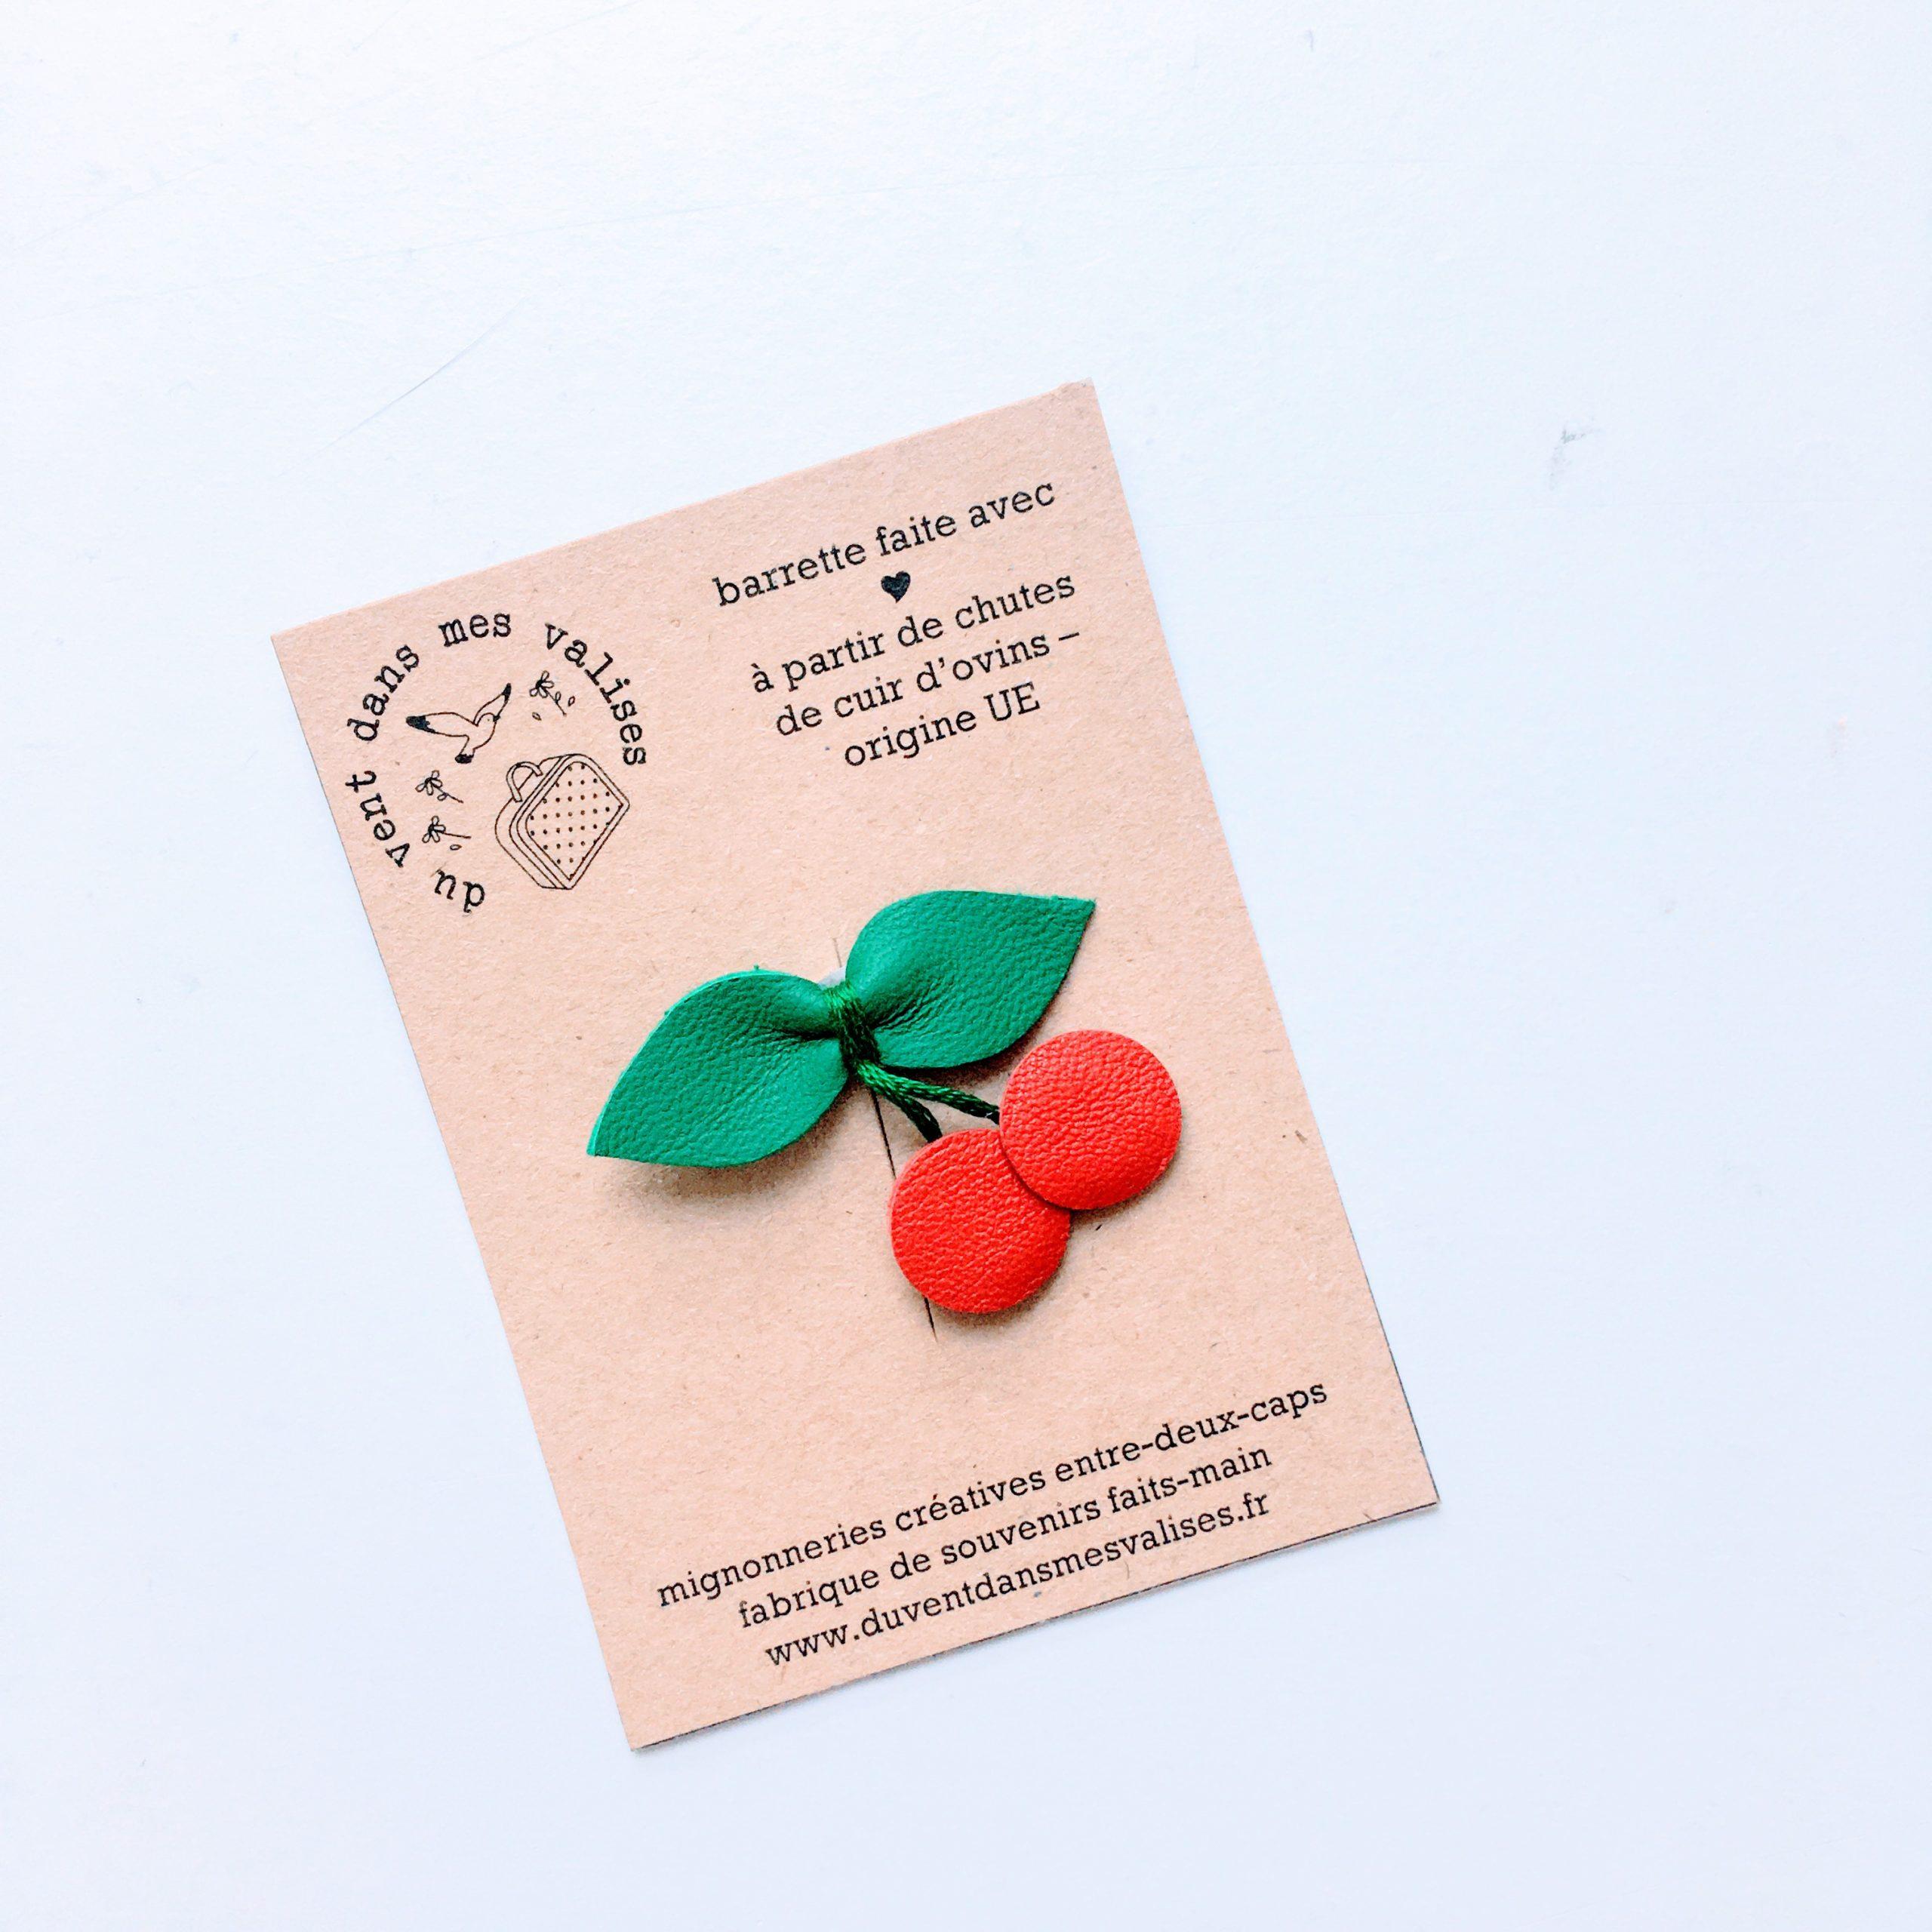 du vent dans mes valises - barrette cerises rouge vert cuir upcycled made in France